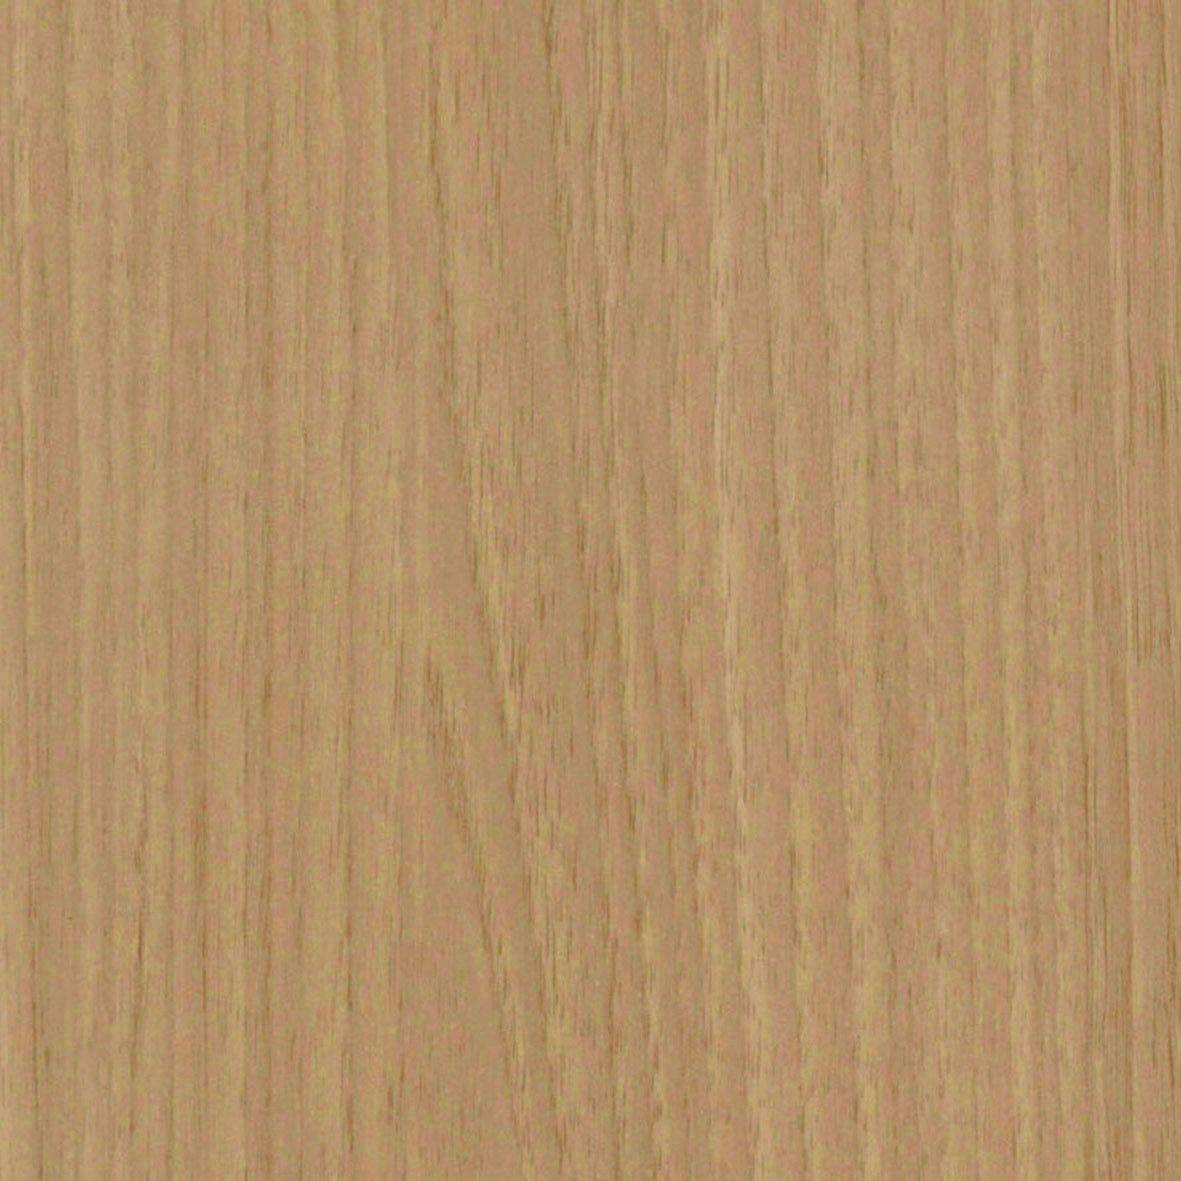 リリカラ 壁紙36m ナチュラル 木目調 ベージュ LL-8849 B01N3SW6W5 36m|ベージュ2